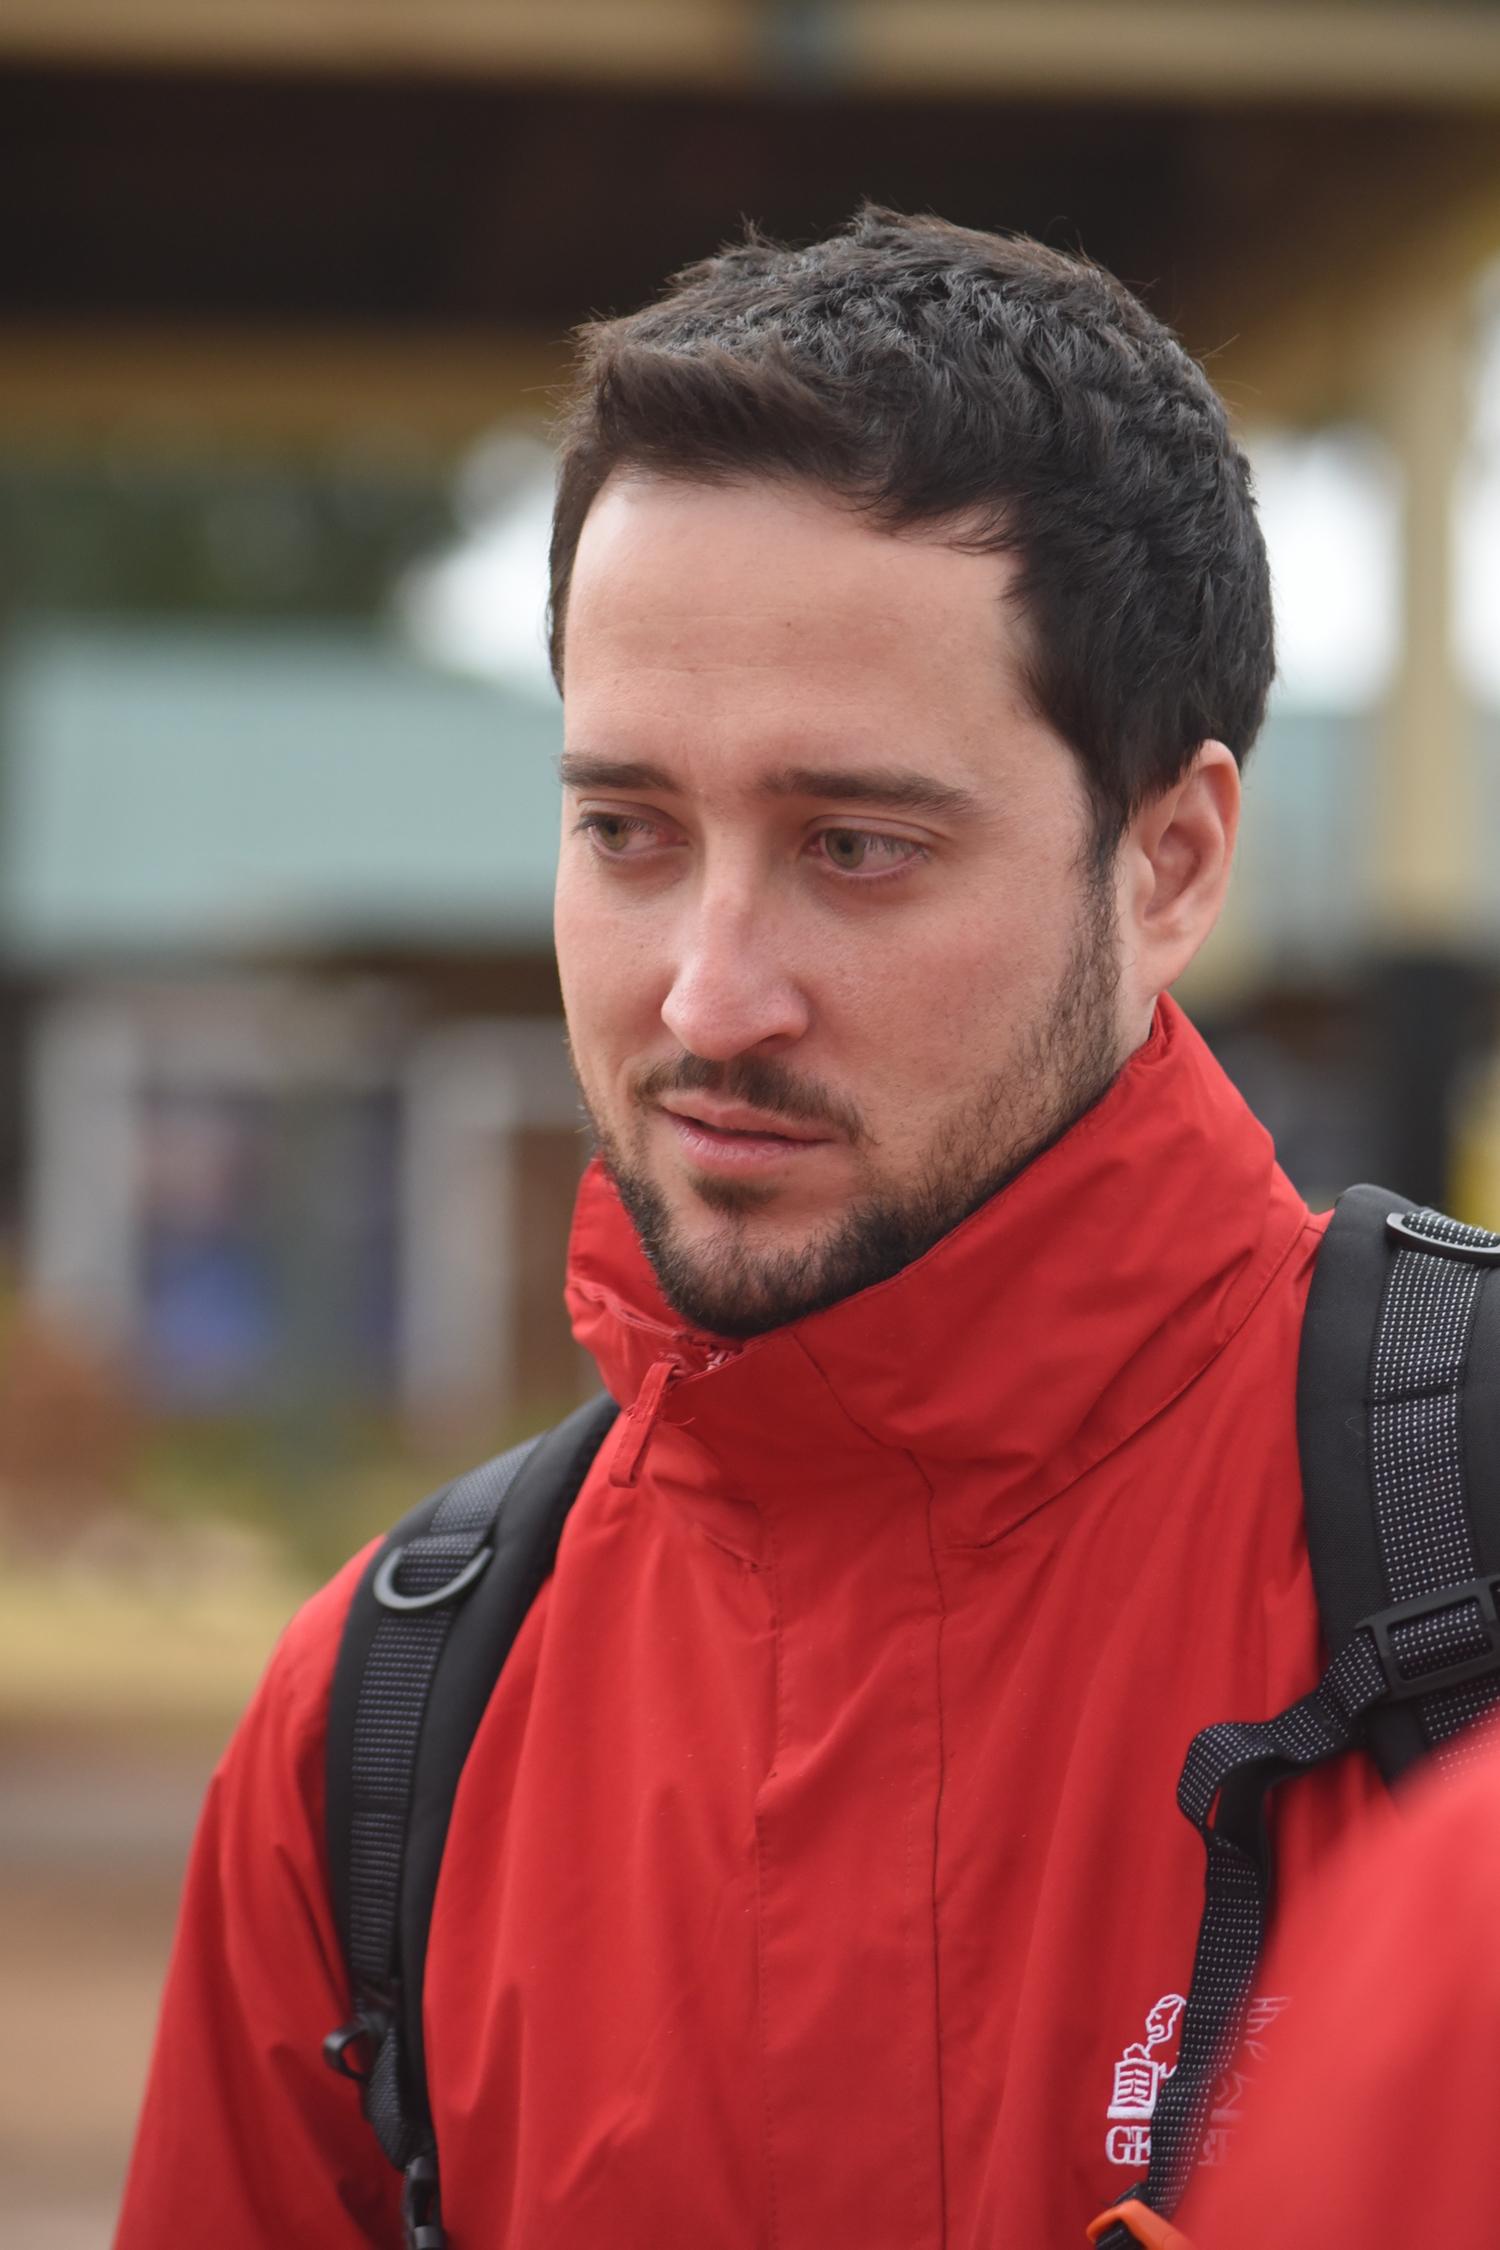 D. Garcia Miguel